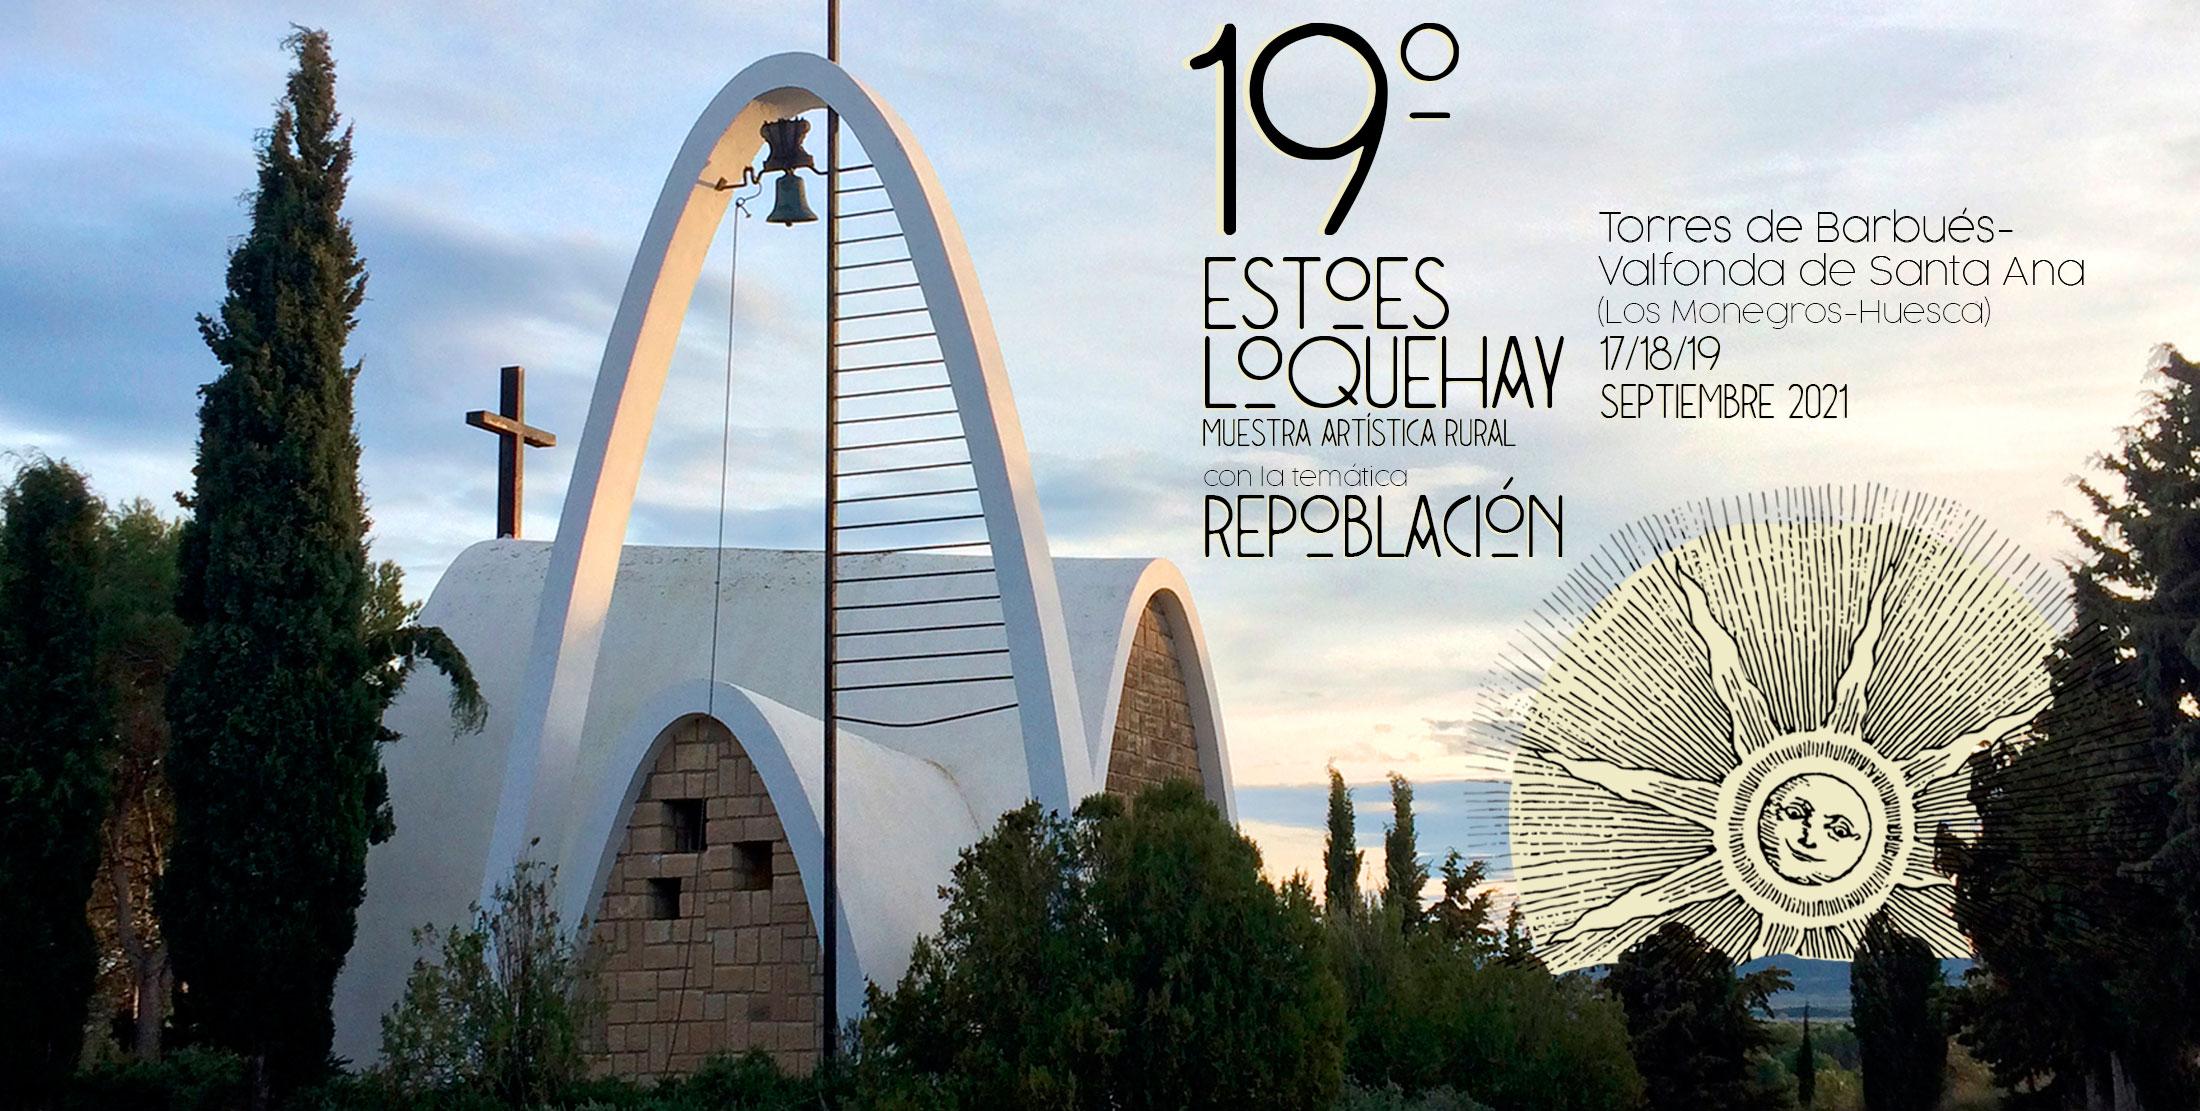 PROGRAMACIÓN COMPLETA DE LA 19ª EDICIÓN DEL FESTIVAL 'ESTOESLOQUEHAY': MÚSICA, CIRCO, CINE, DANZA Y DISEÑO GRÁFICO PARA IMPULSAR LA 'REPOBLACIÓN'